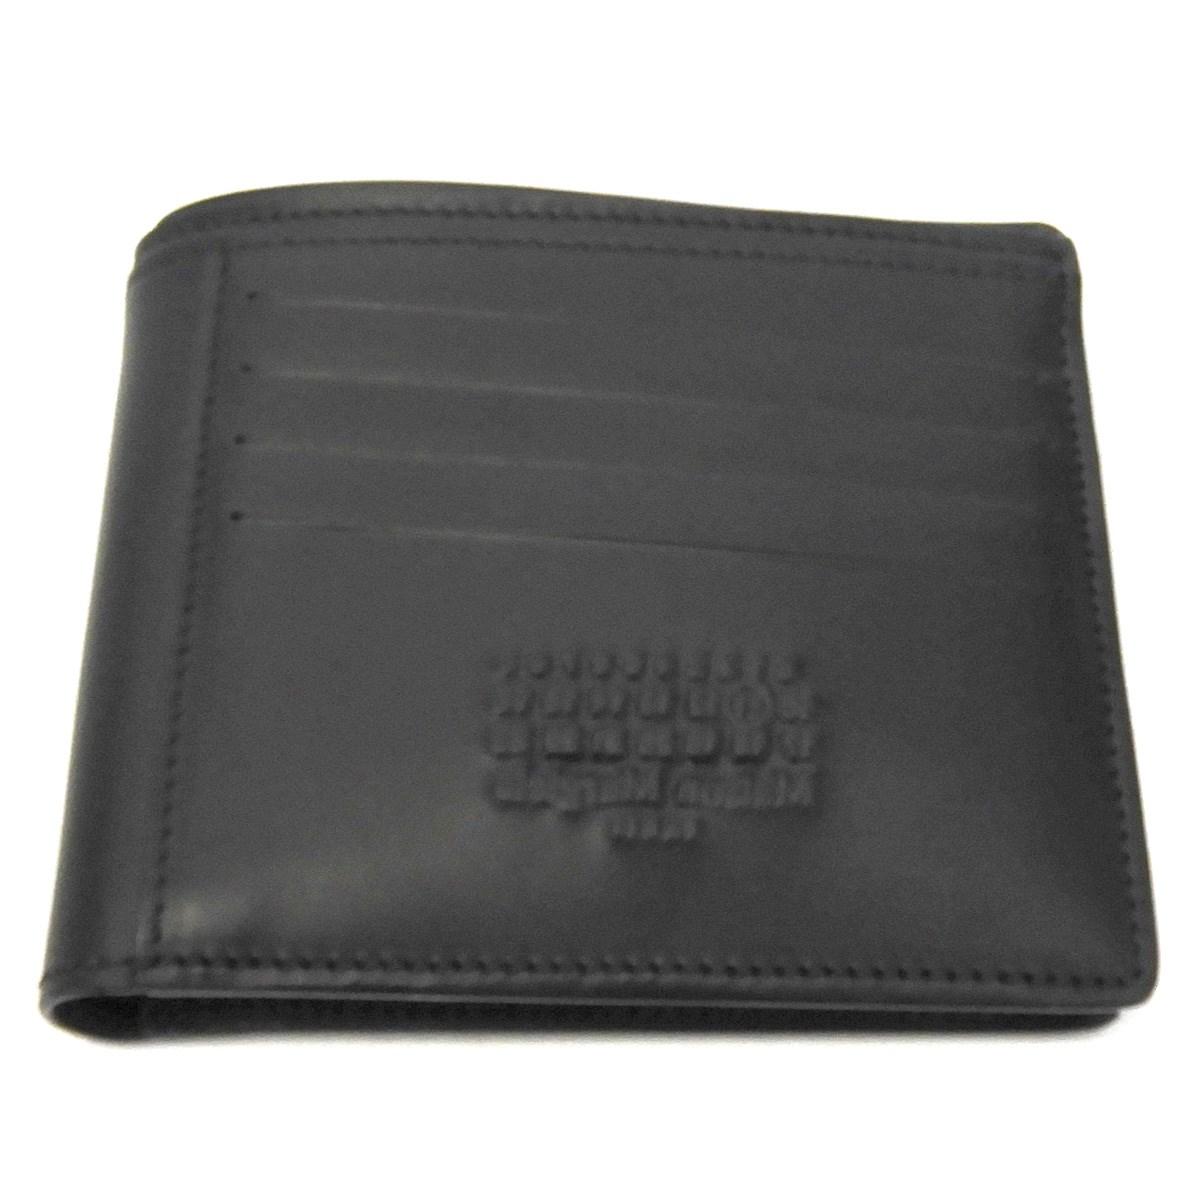 【中古】MARTIN MARGIELA 11 18SS 二つ折り財布 ブラック 【131119】(マルタンマルジェラ11)